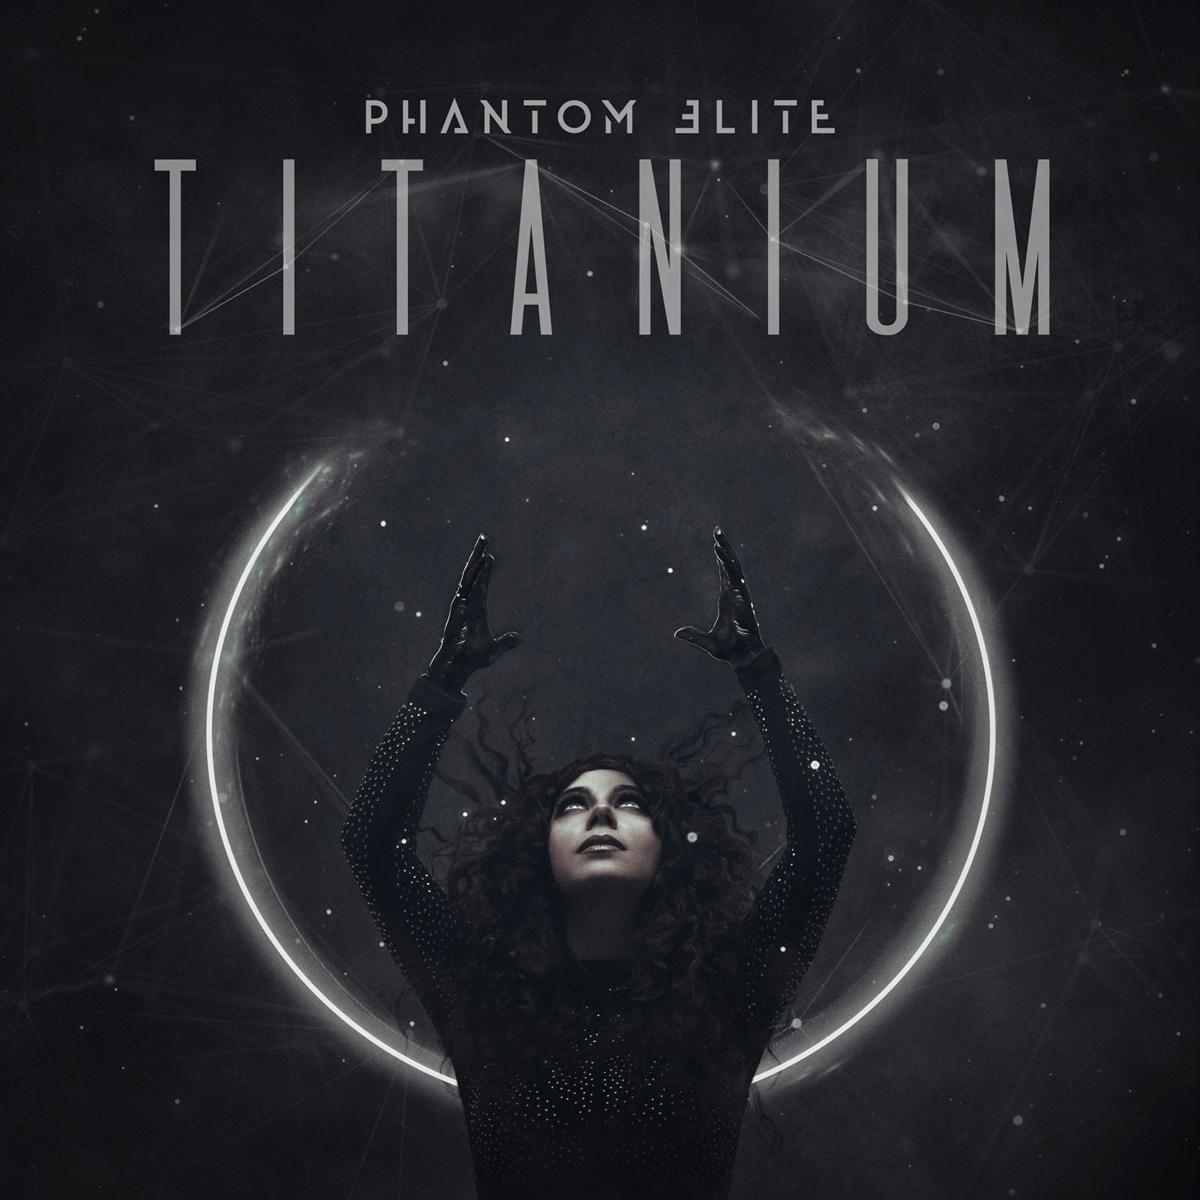 PHANTOM ELITE - Reviews (1)